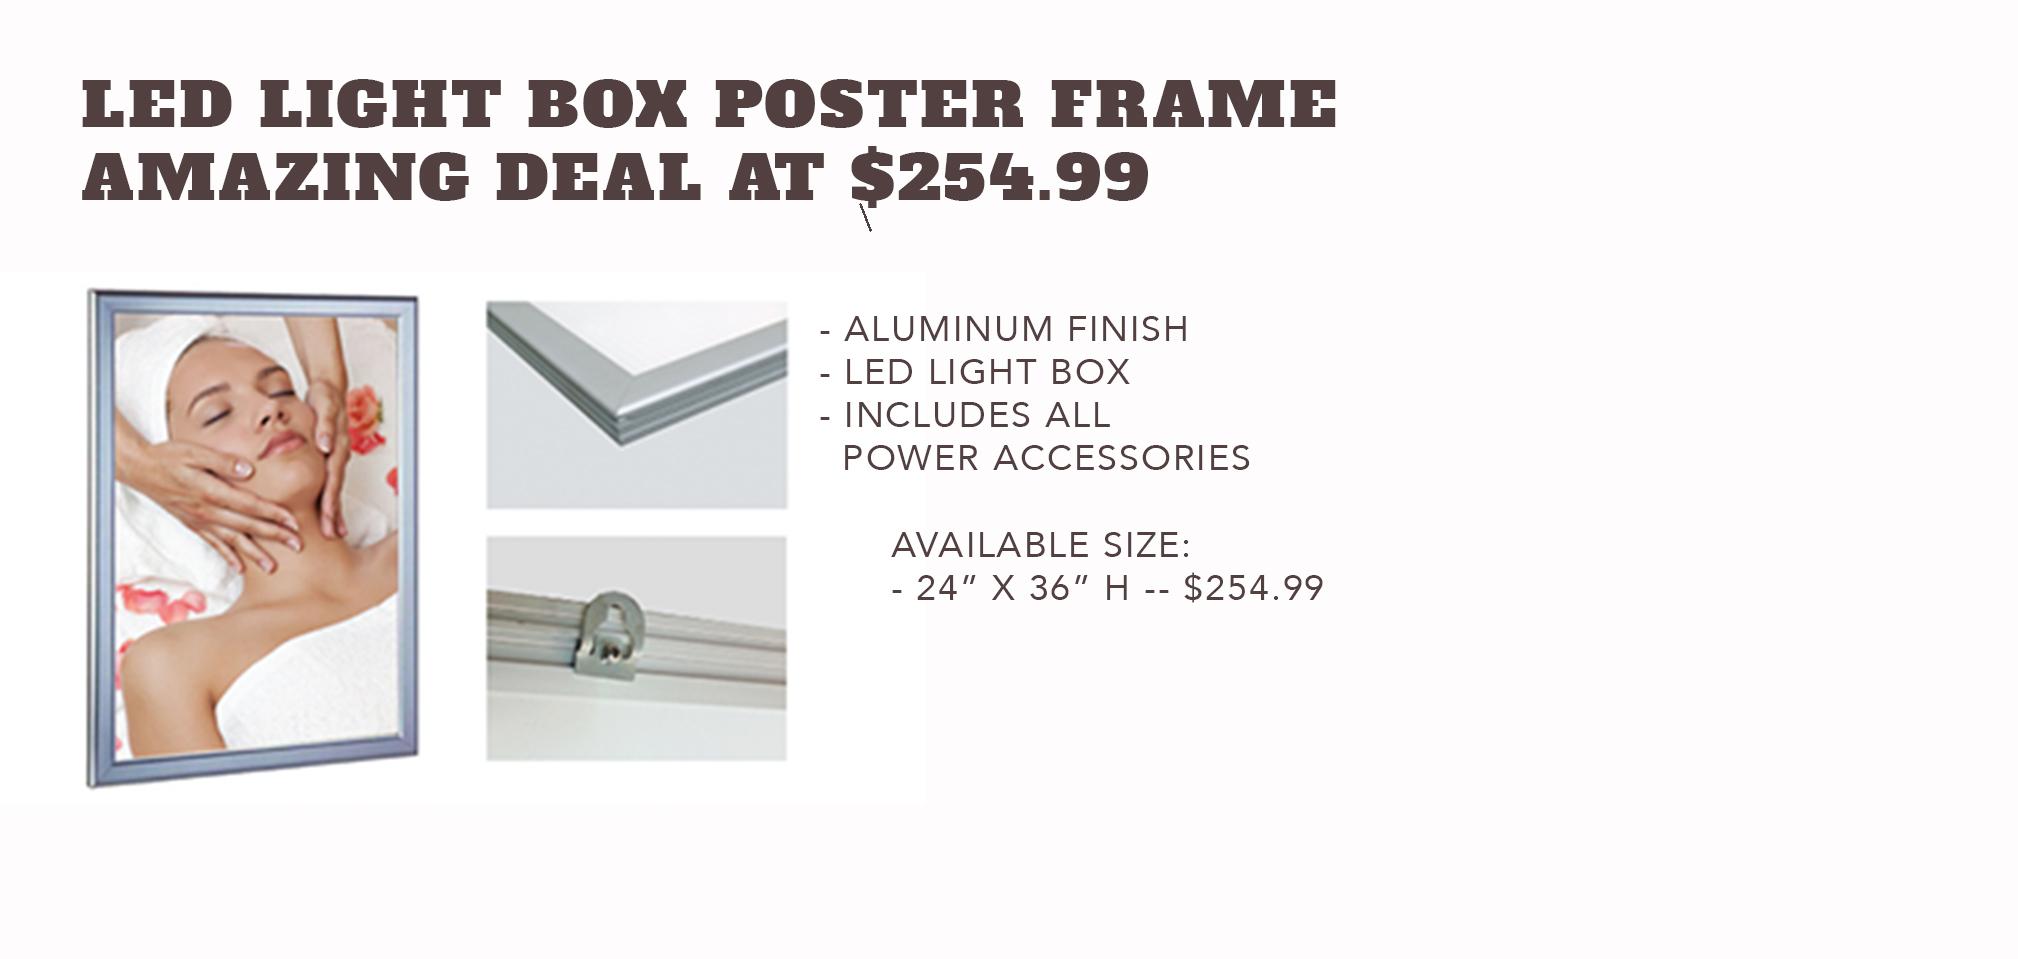 LED Light BoxPoster Frame - Only $254.99